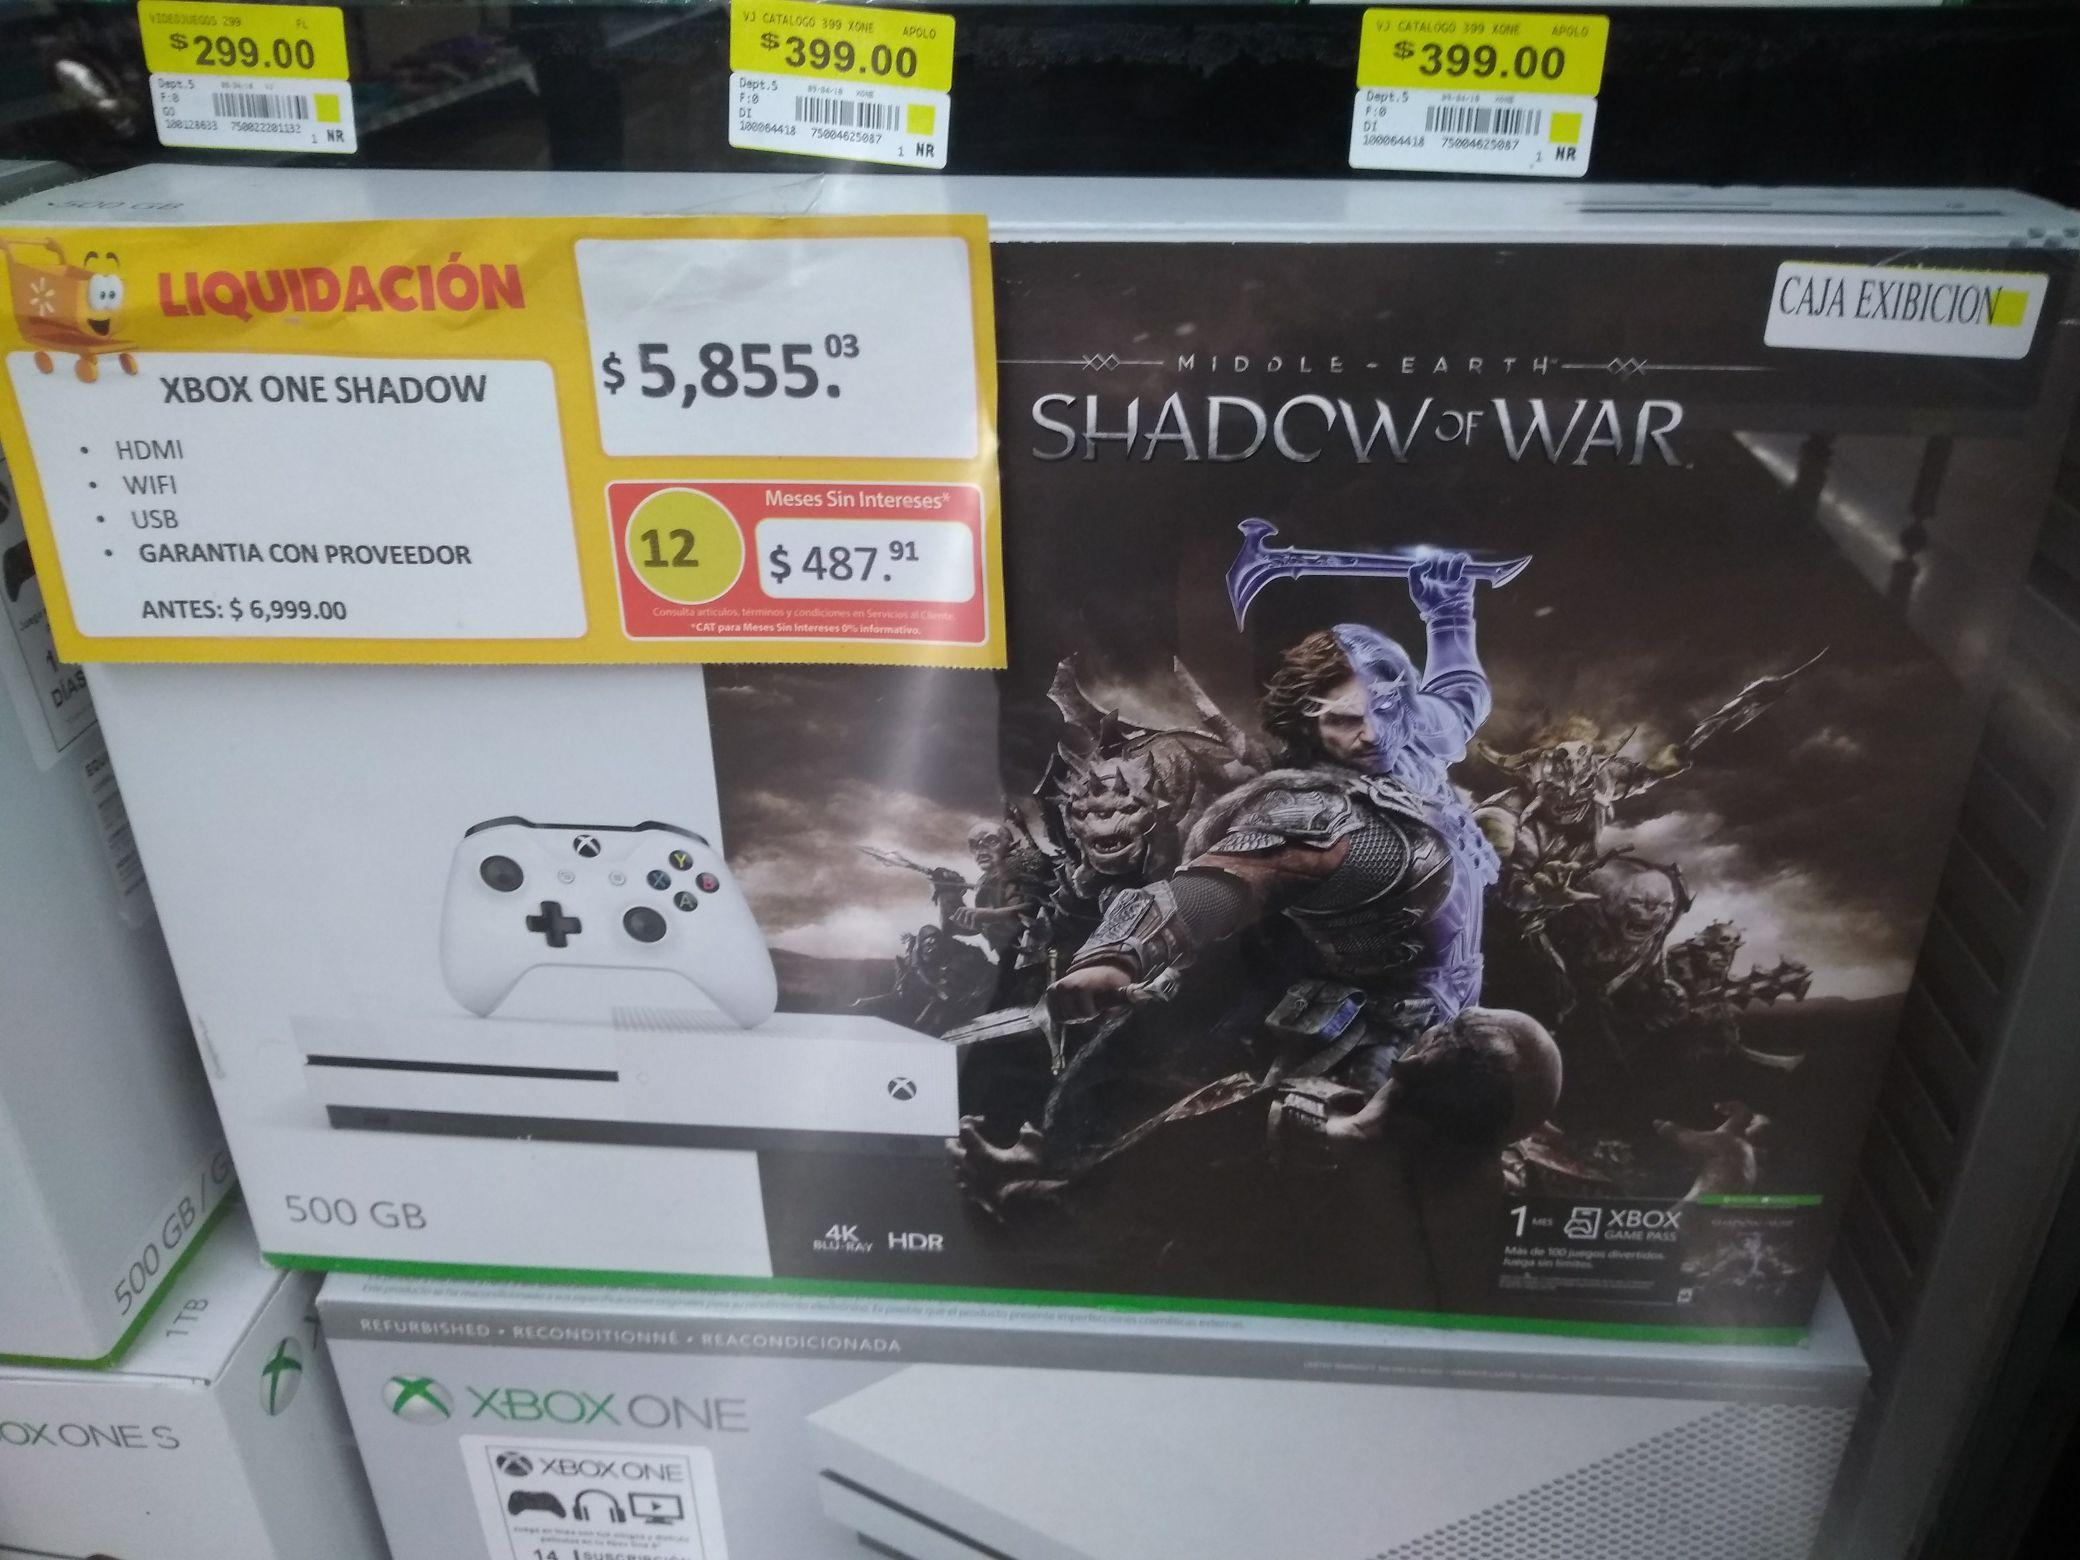 Walmart carrizal Villahermosa: xbox one en primera liquidacion